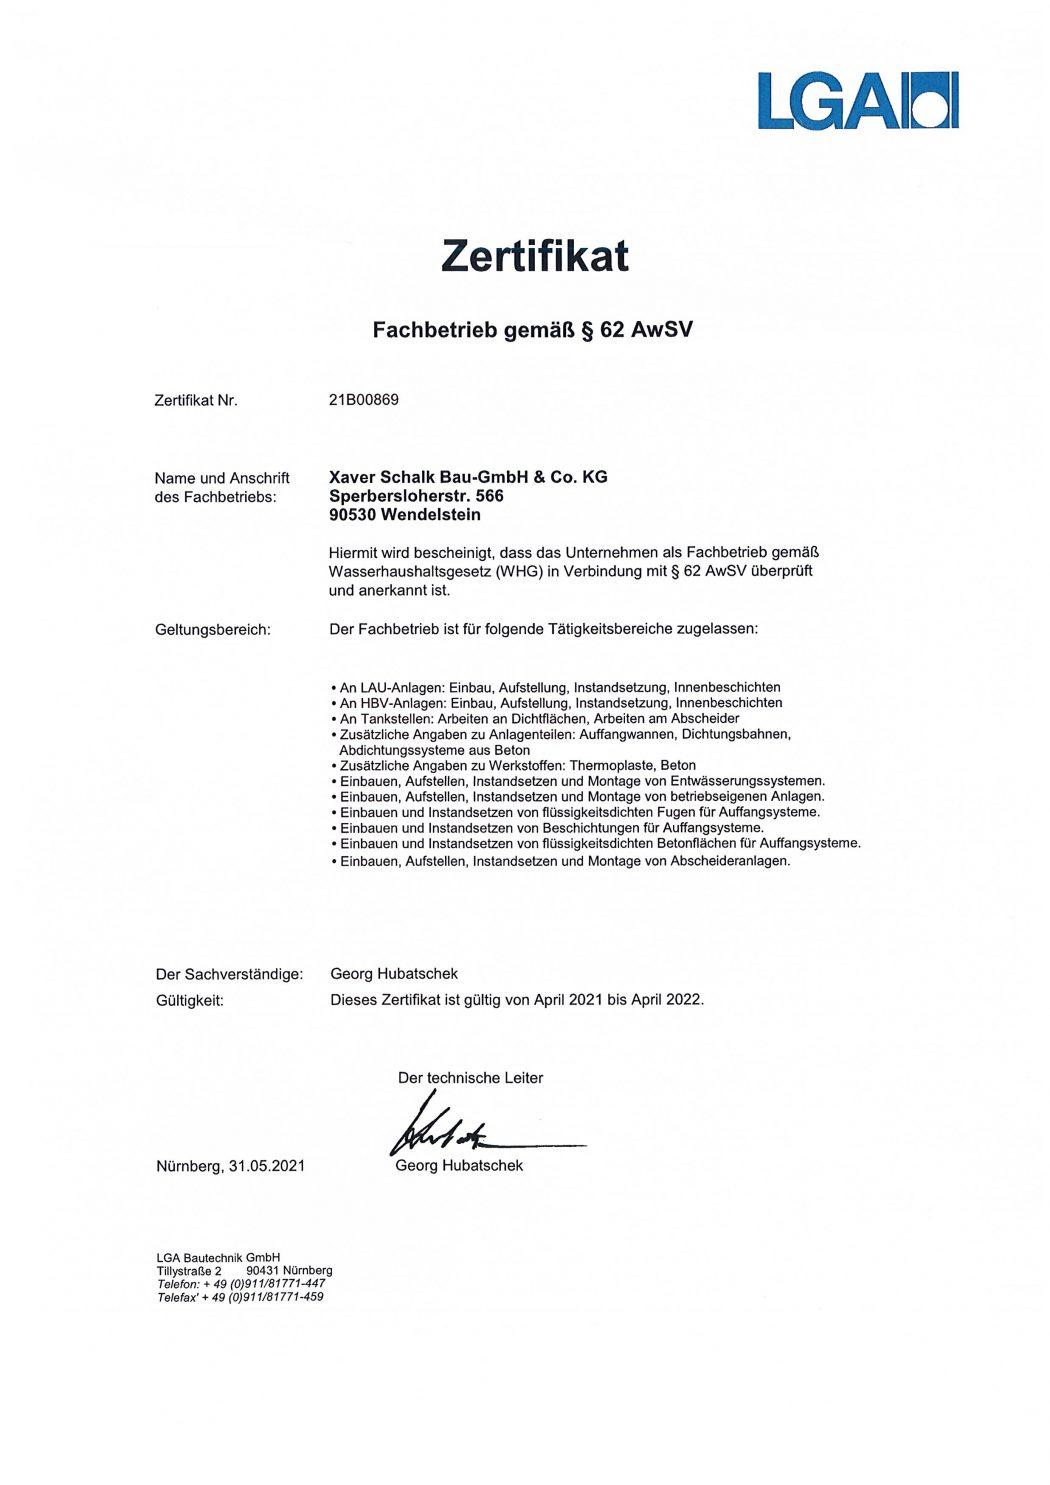 WHG Zertifikat